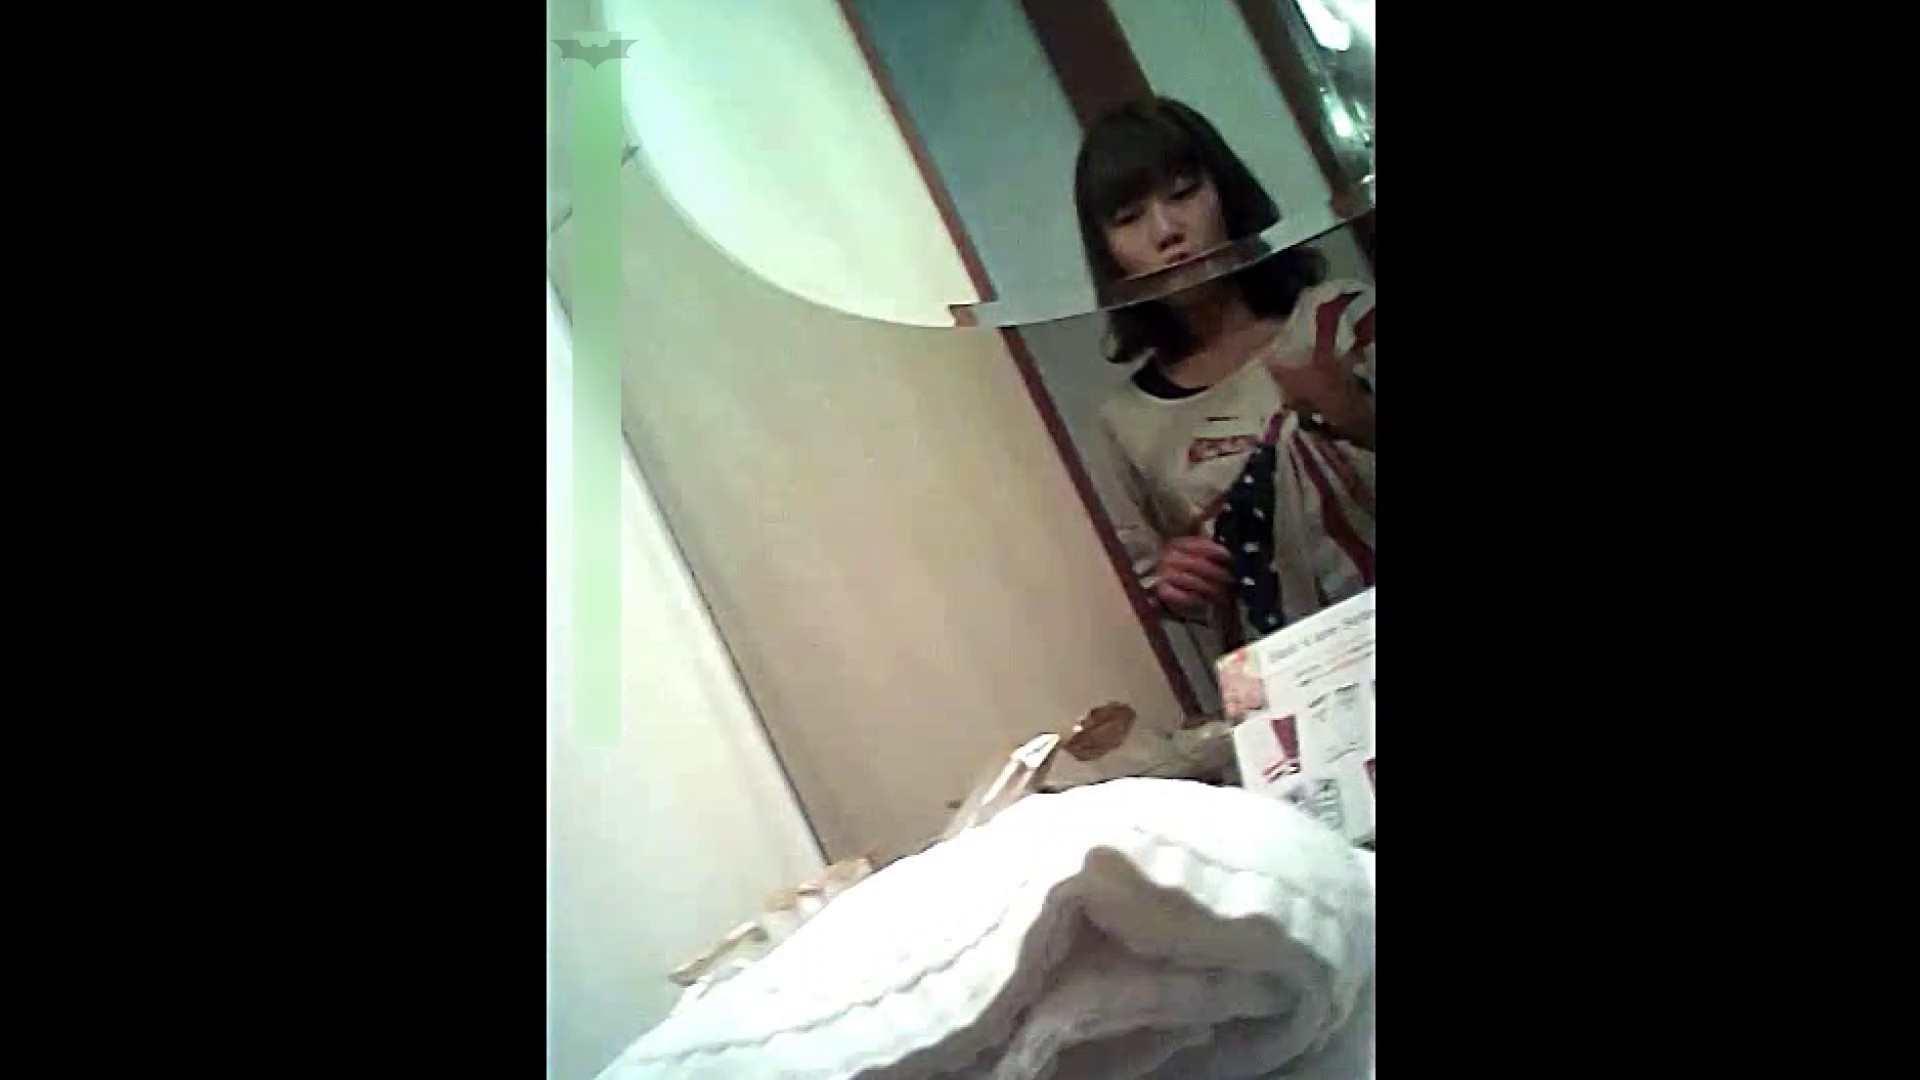 値下げ!小柄で細見ですっんげぇ!オッパイ!みさちゃん19歳Vol.33脱衣編 シャワー室 セックス画像 87枚 46